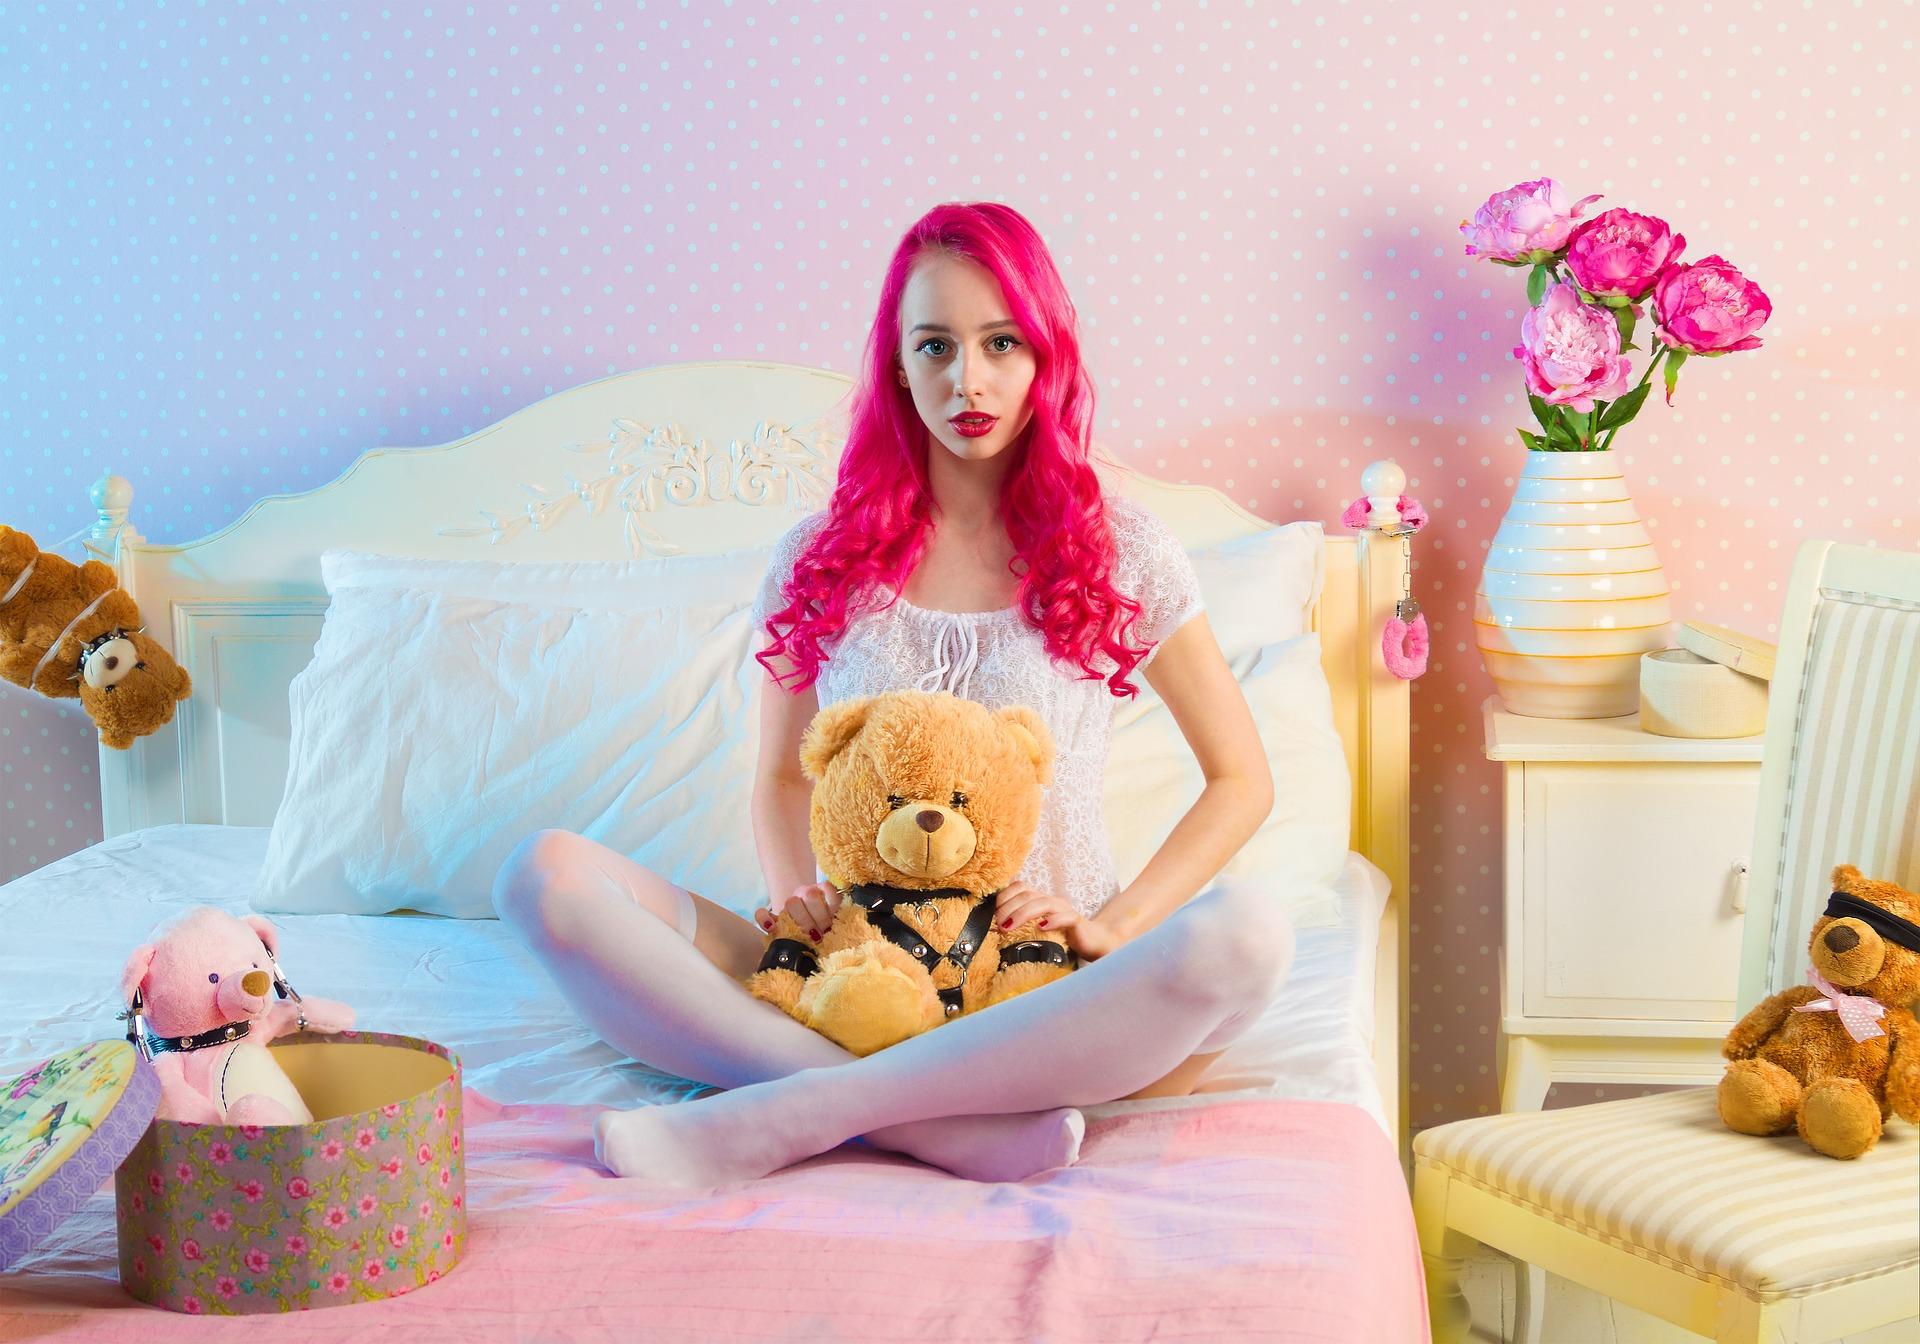 Spánková porucha dospívajících - zpožděná spánková fáze